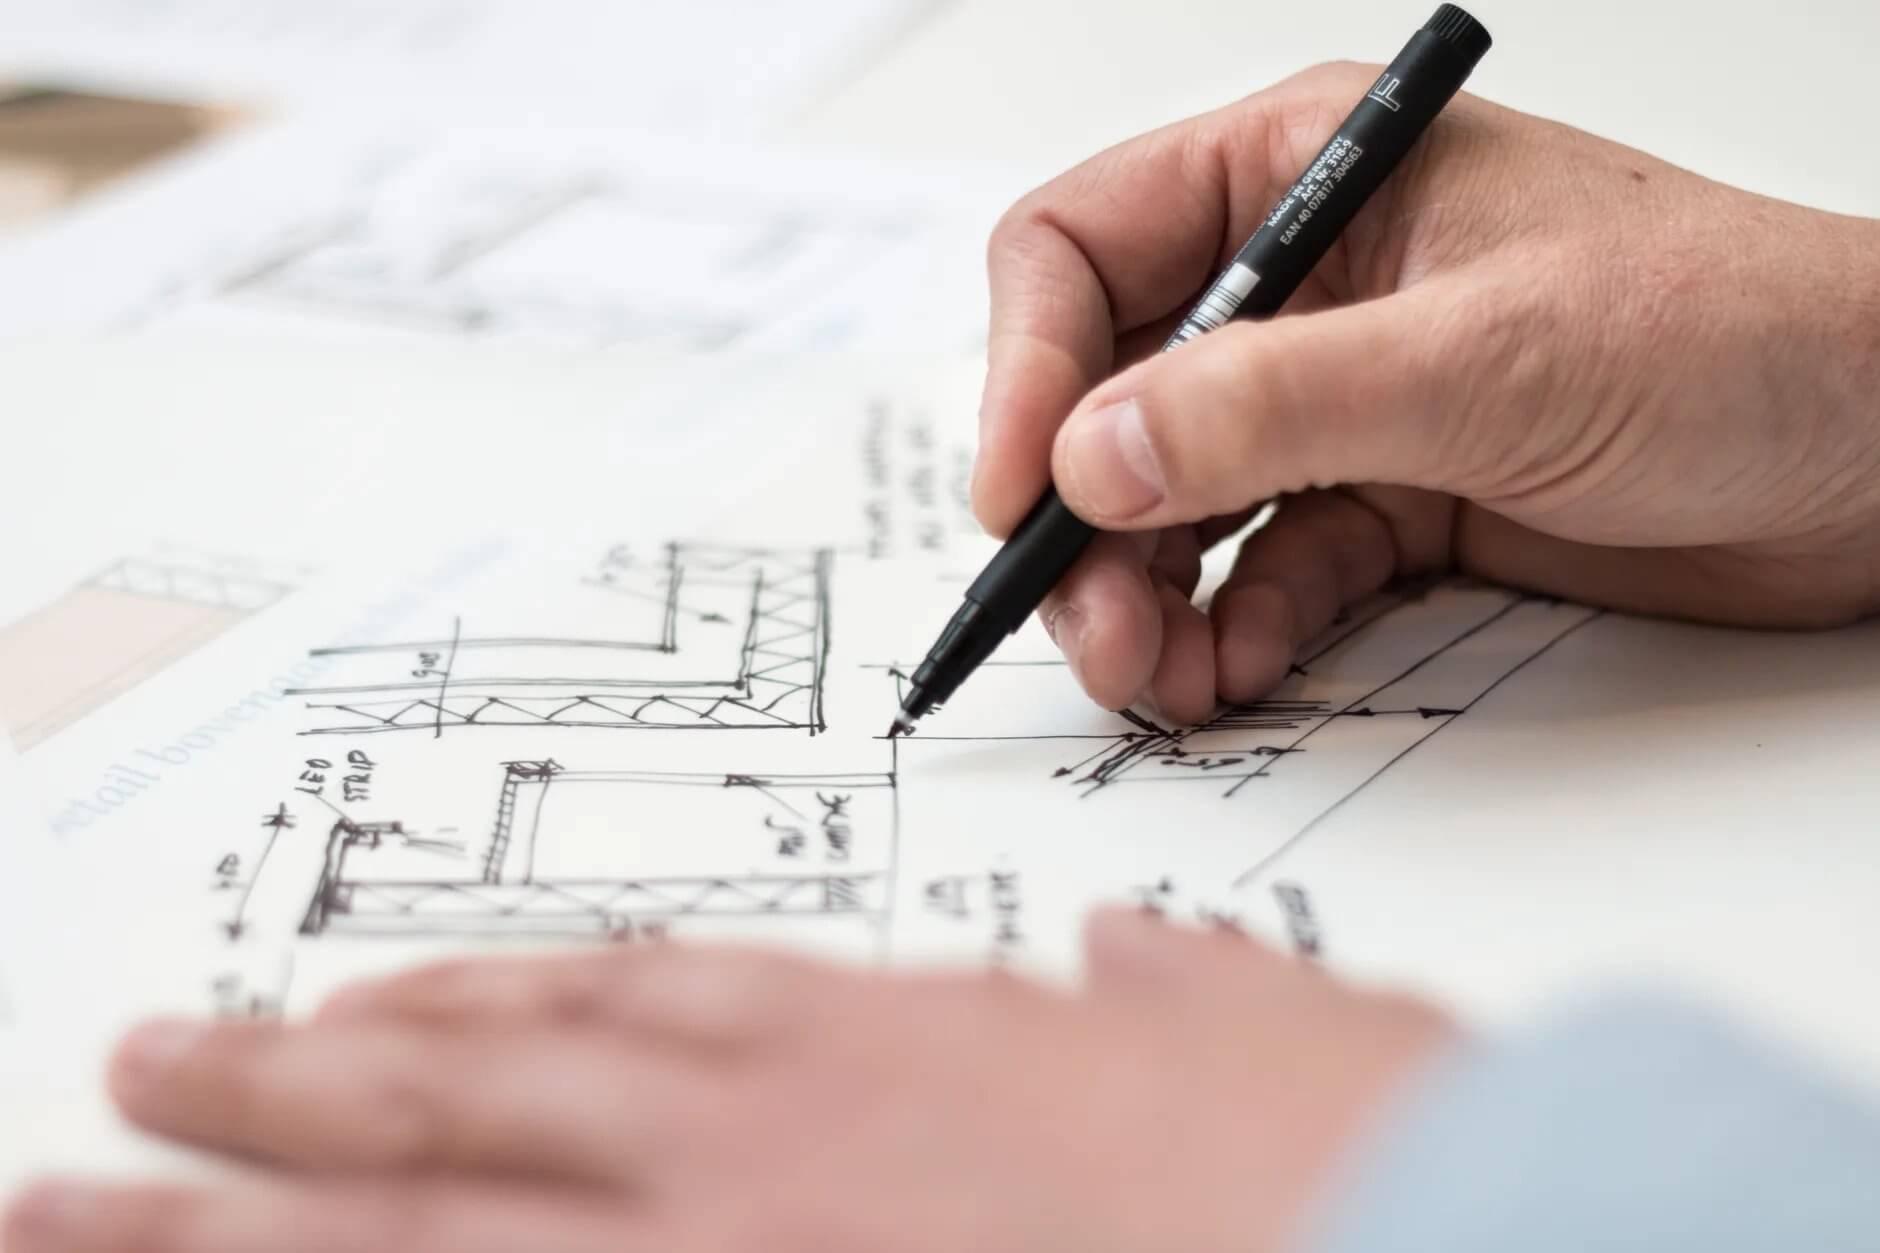 Je fais construire ma maison : quels écueils éviter ?